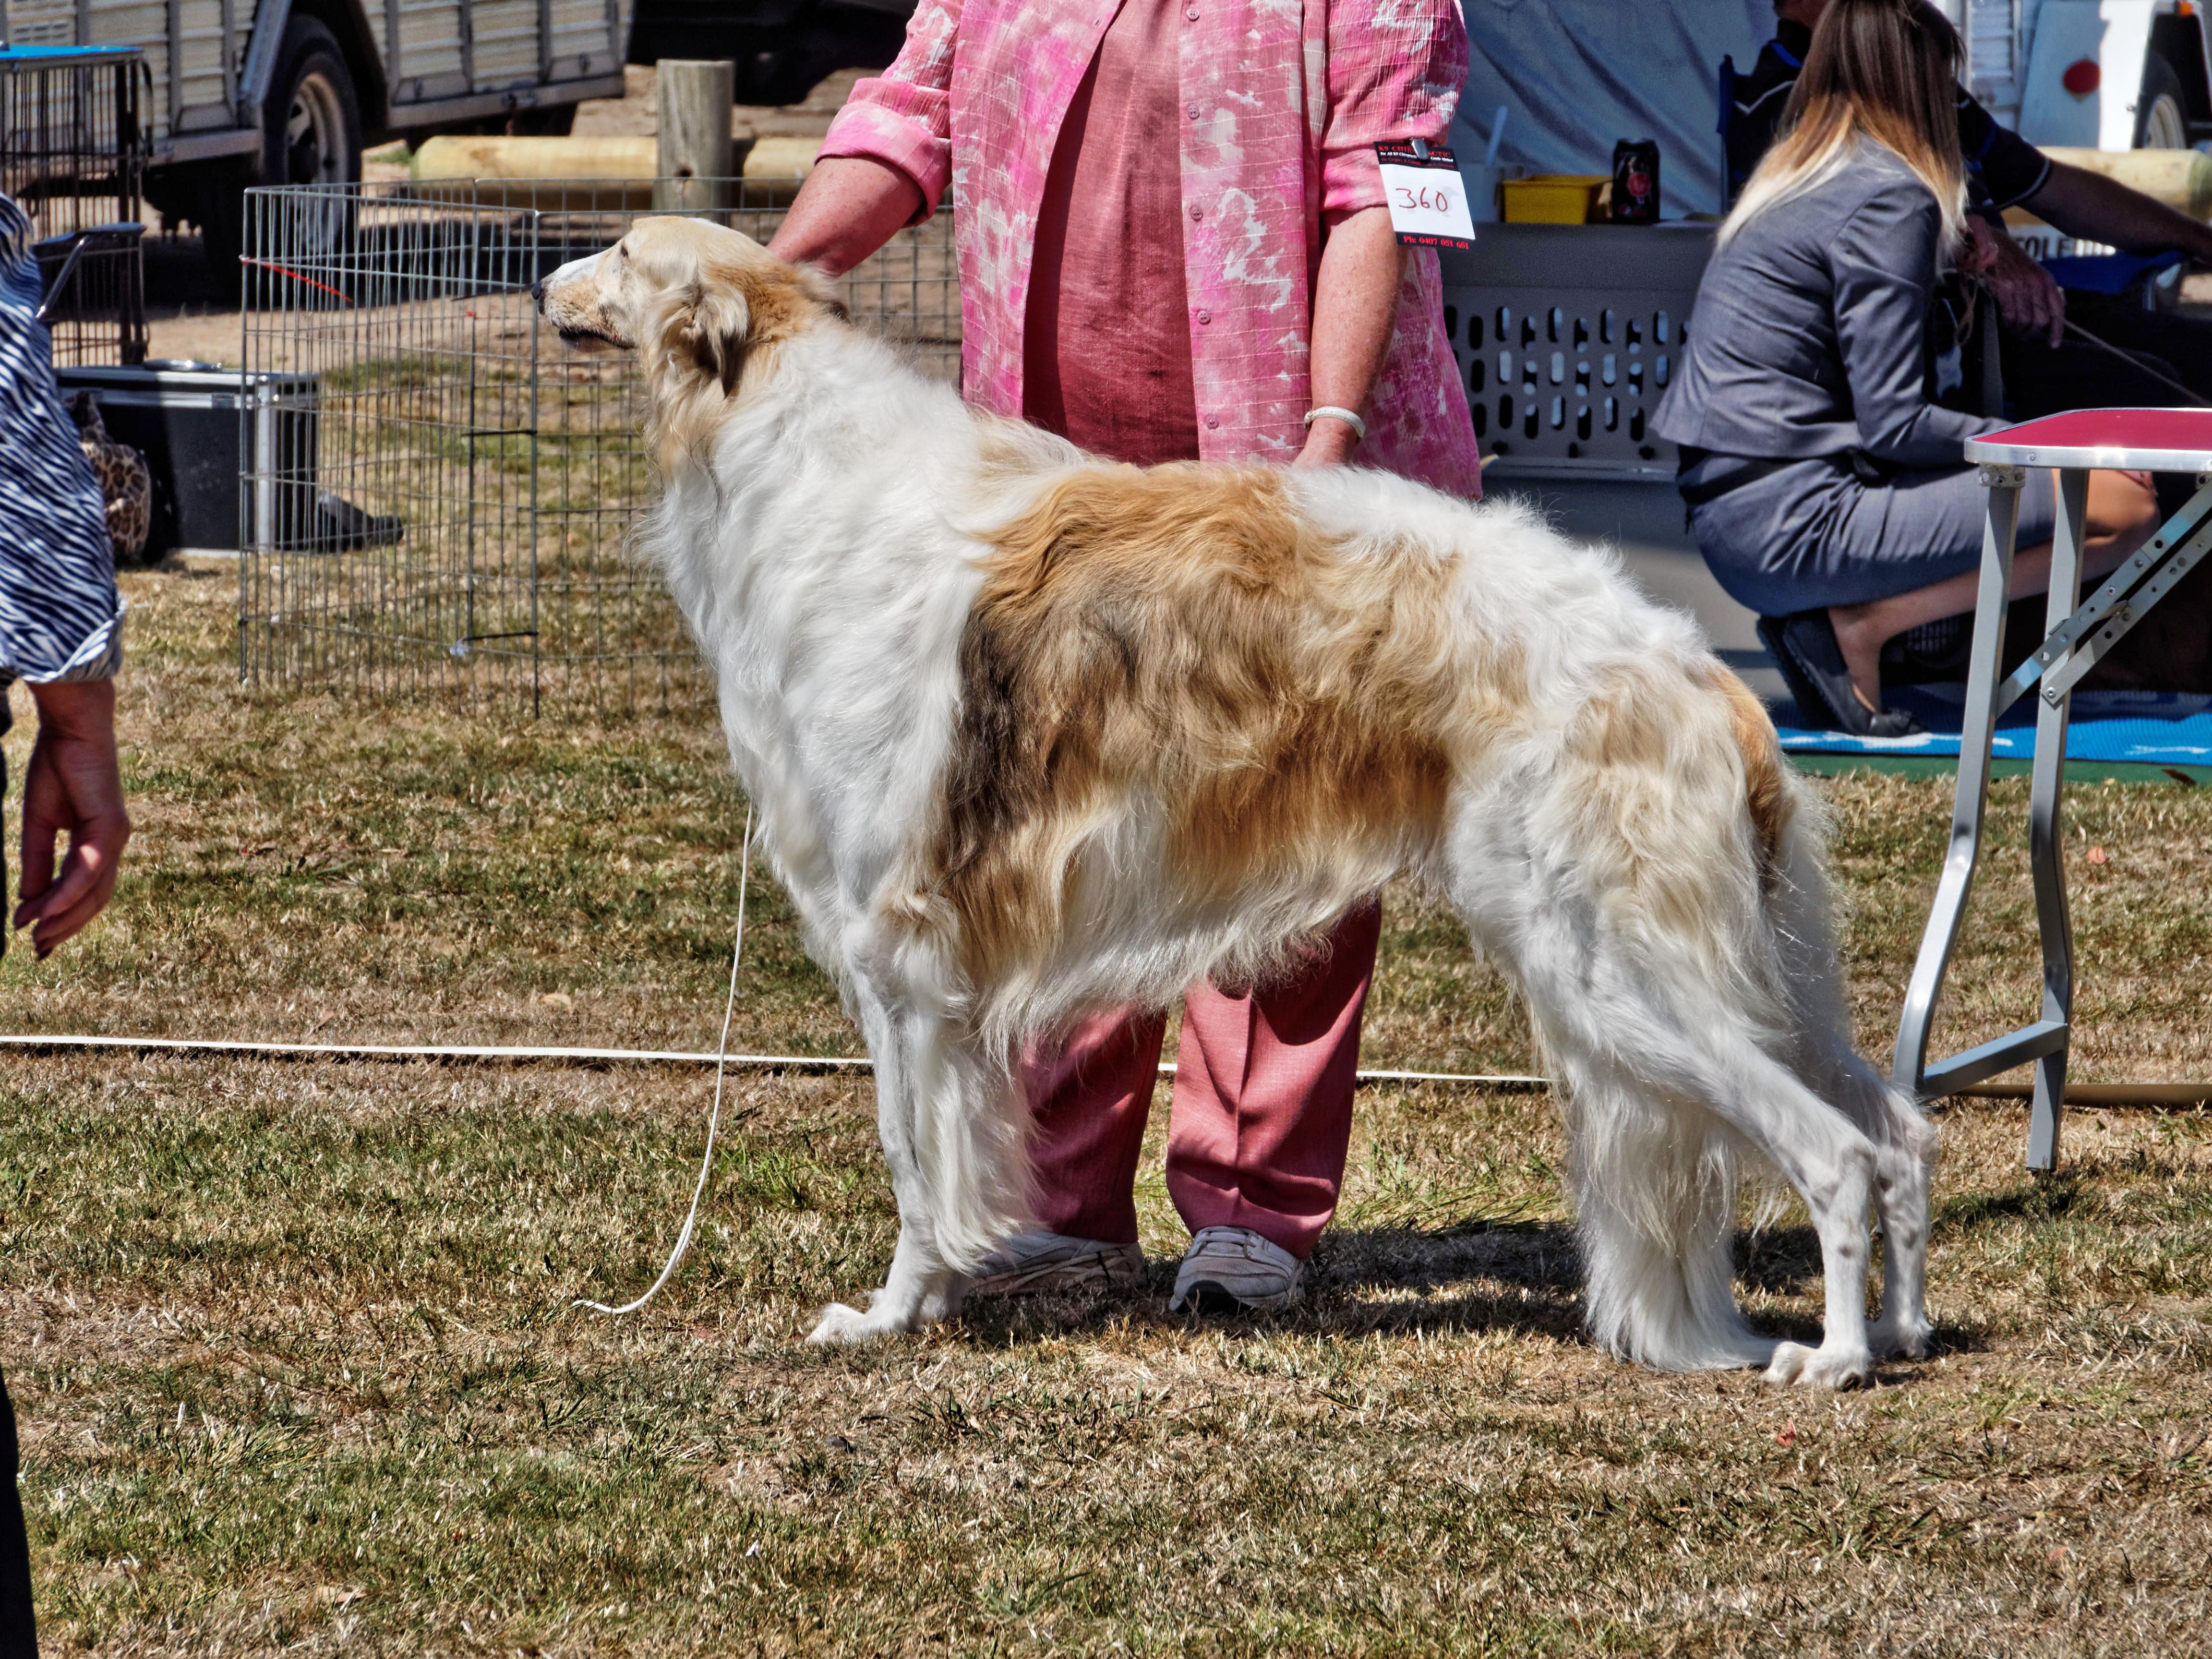 Dog-show-6.jpeg